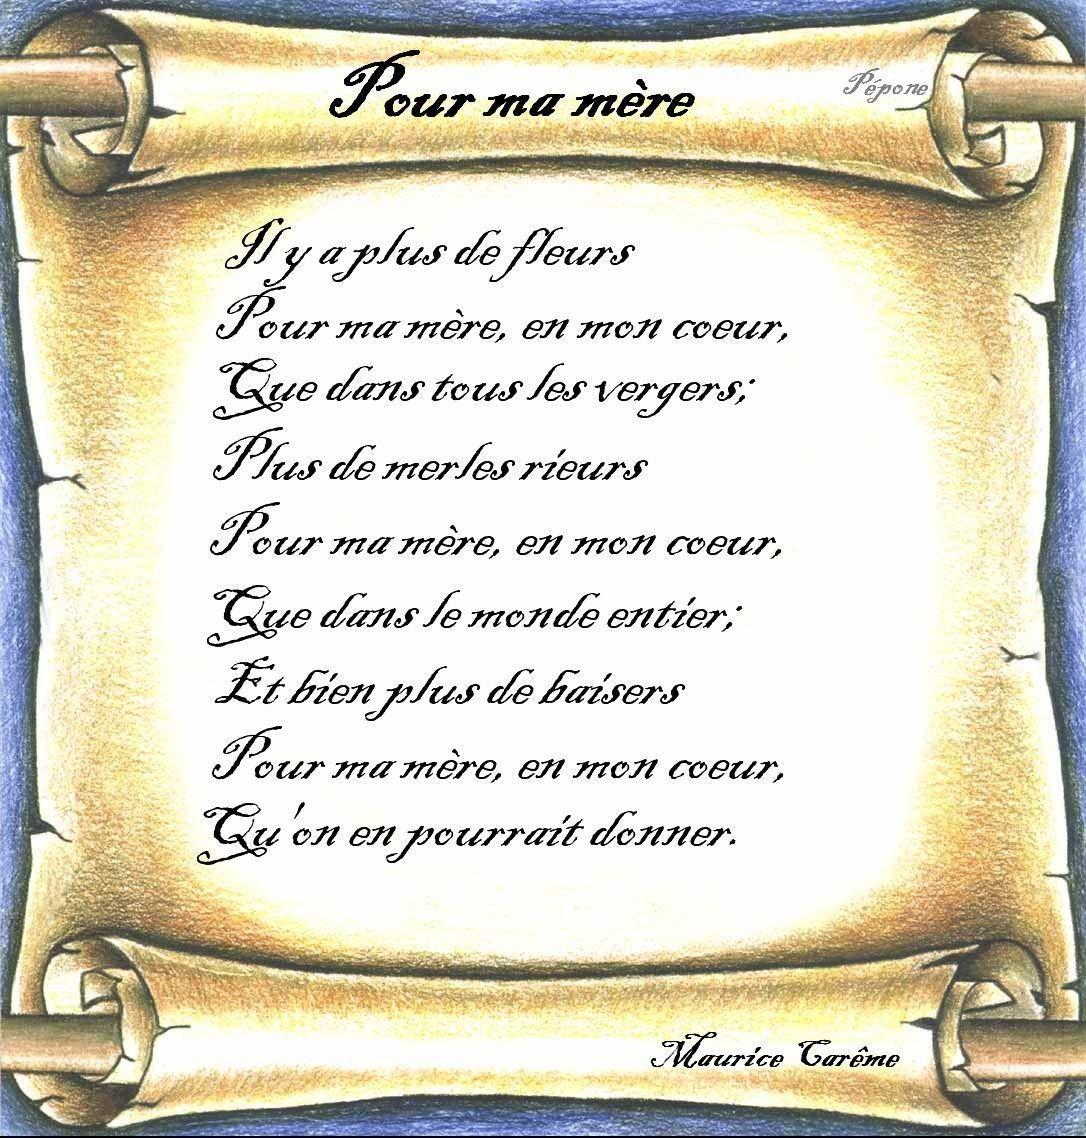 Poemes - Poeme de noel pour maman et papa ...